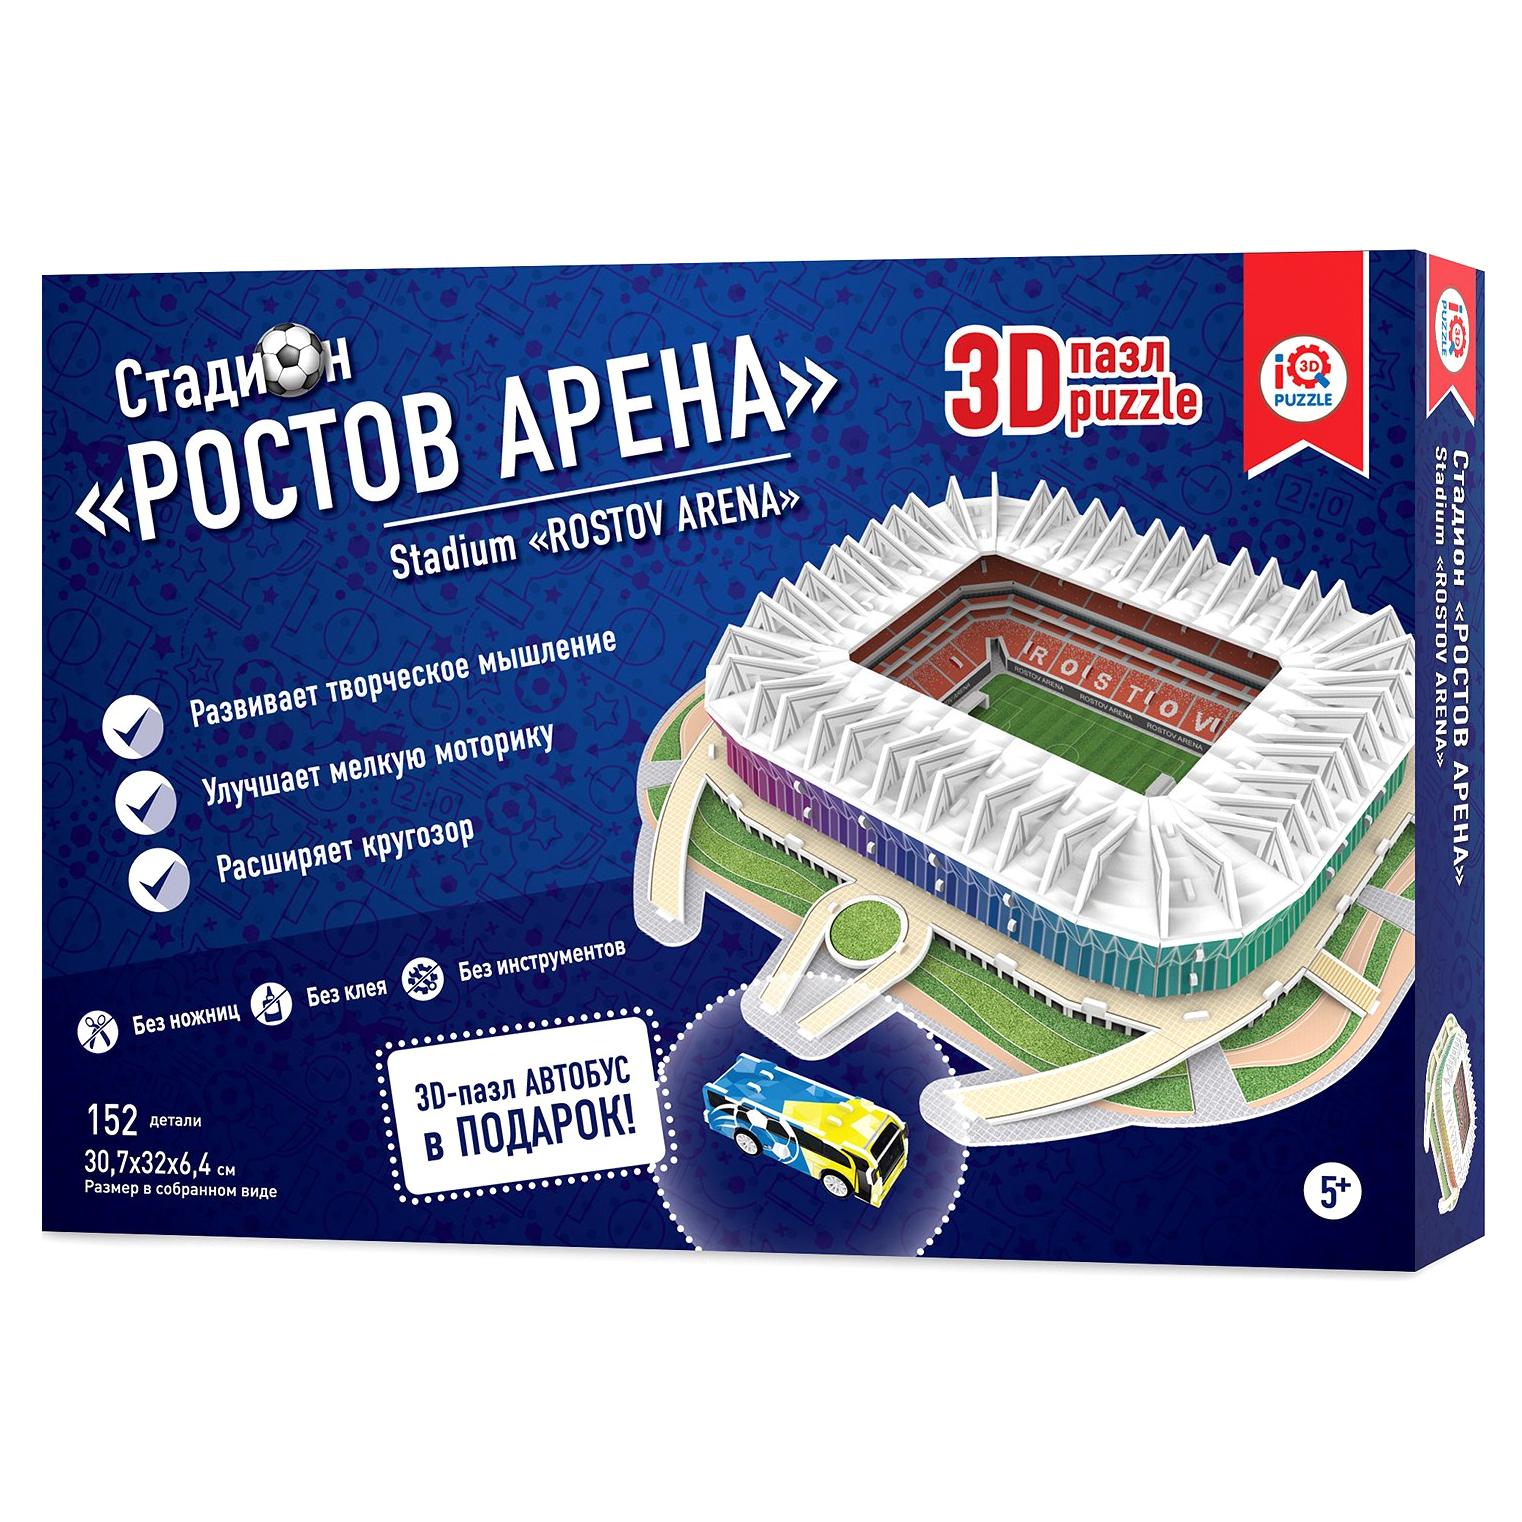 Пазл 3D IQ 3D PUZZLE Ростов Арена 16549